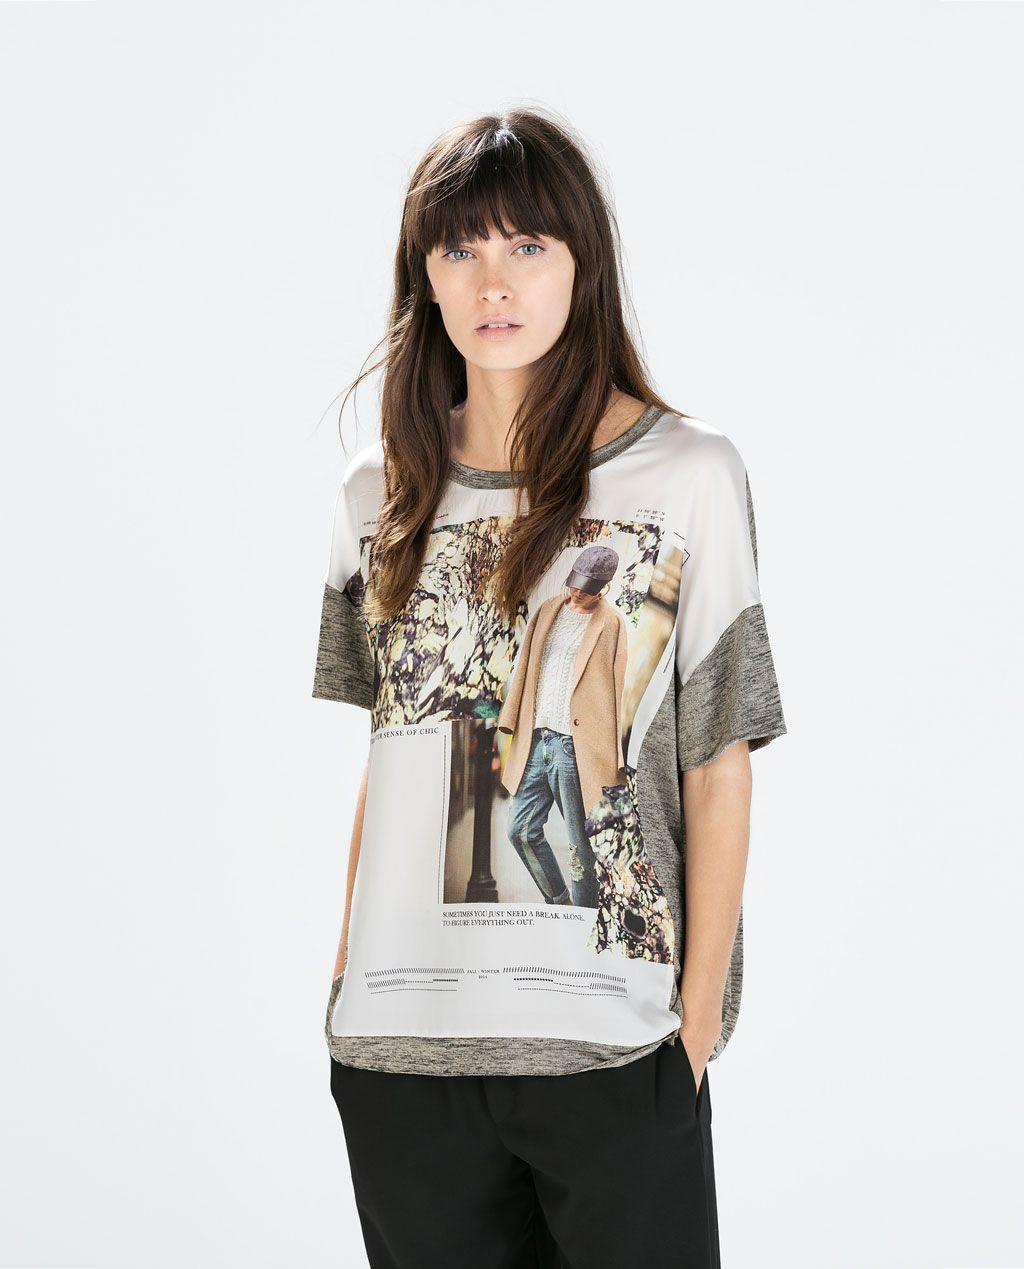 013599f0d4 CAMISETA FOTO   tshirt   T shirt photo, Printed shirts, T shirt